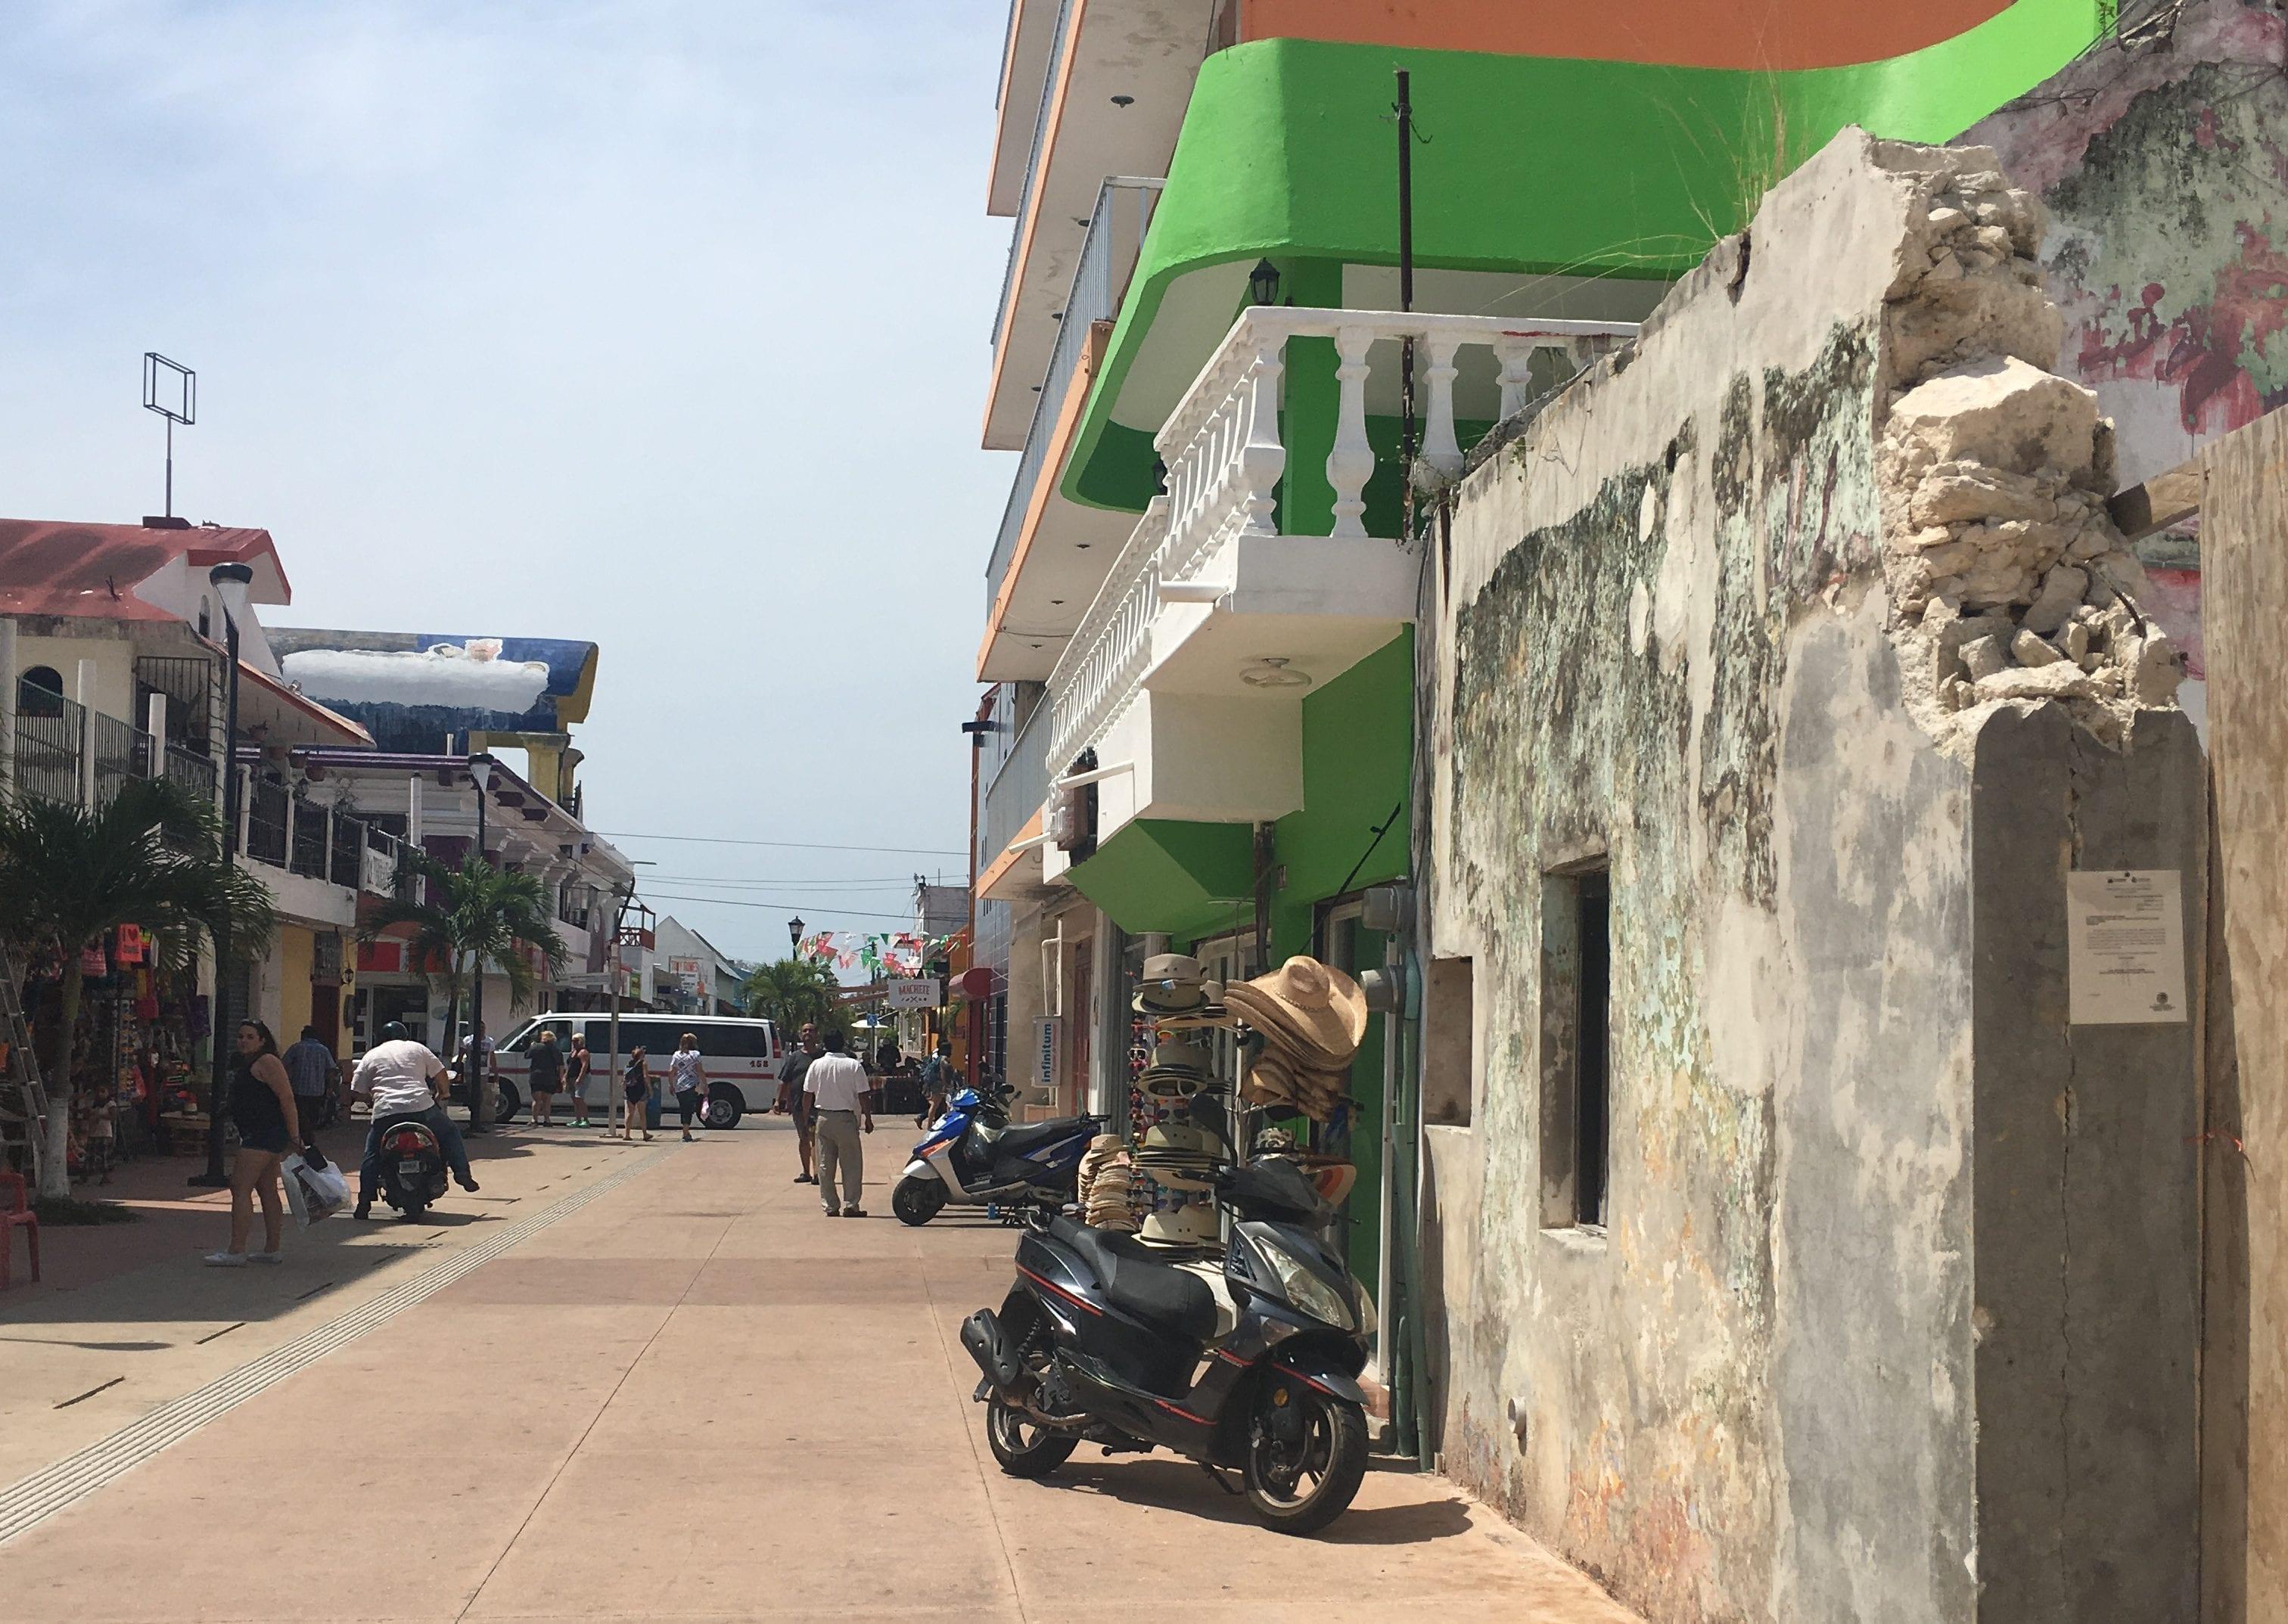 Visitar Cozumel: consejos e información práctica